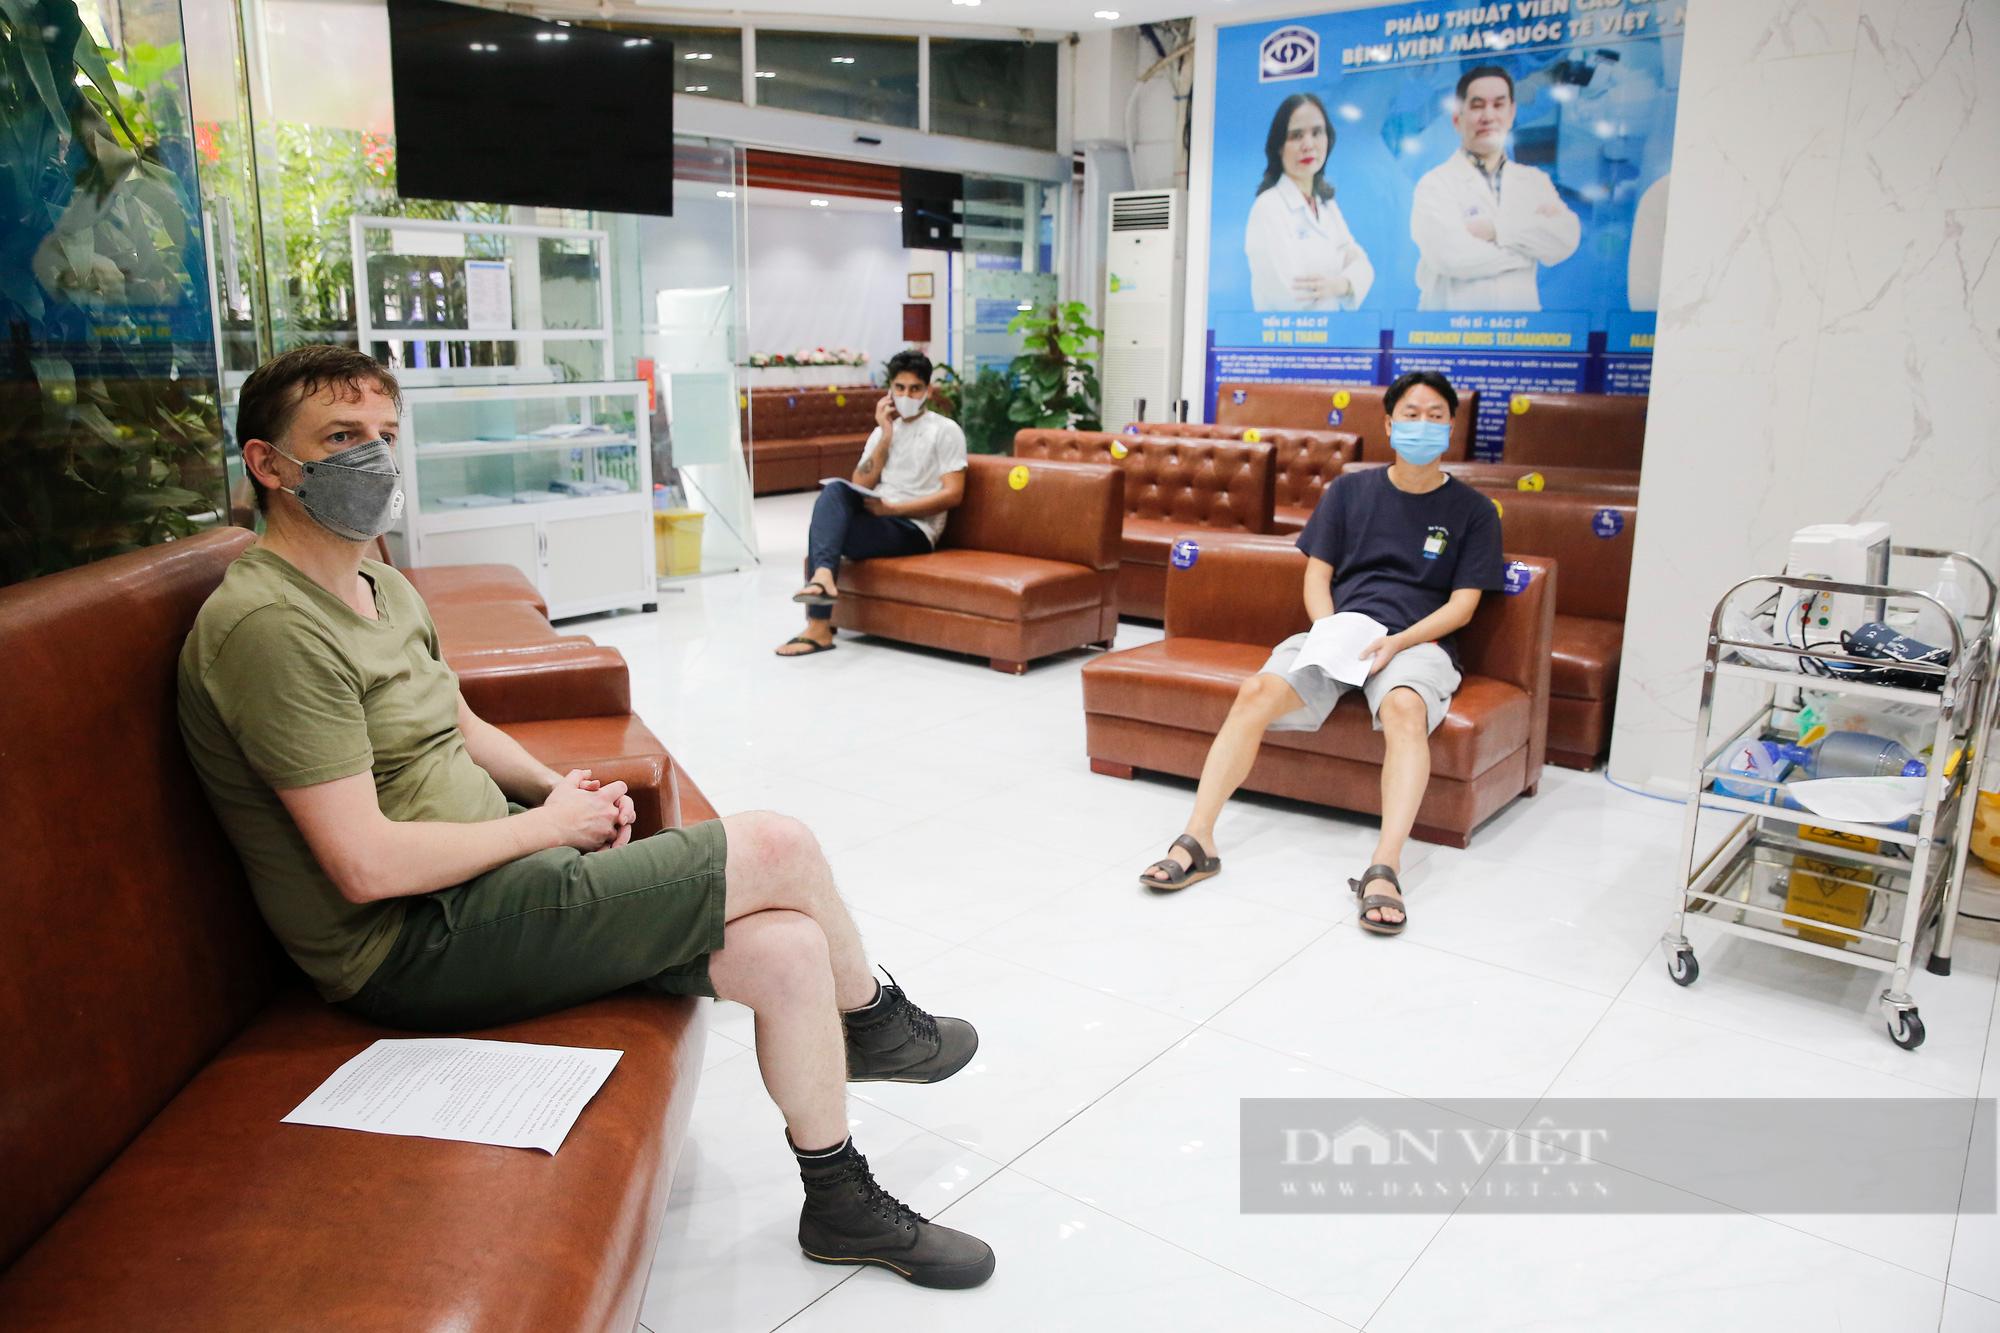 Tiêm vaccine Covid-19 cho hàng trăm người nước ngoài mỗi ngày tại Hà Nội - Ảnh 12.